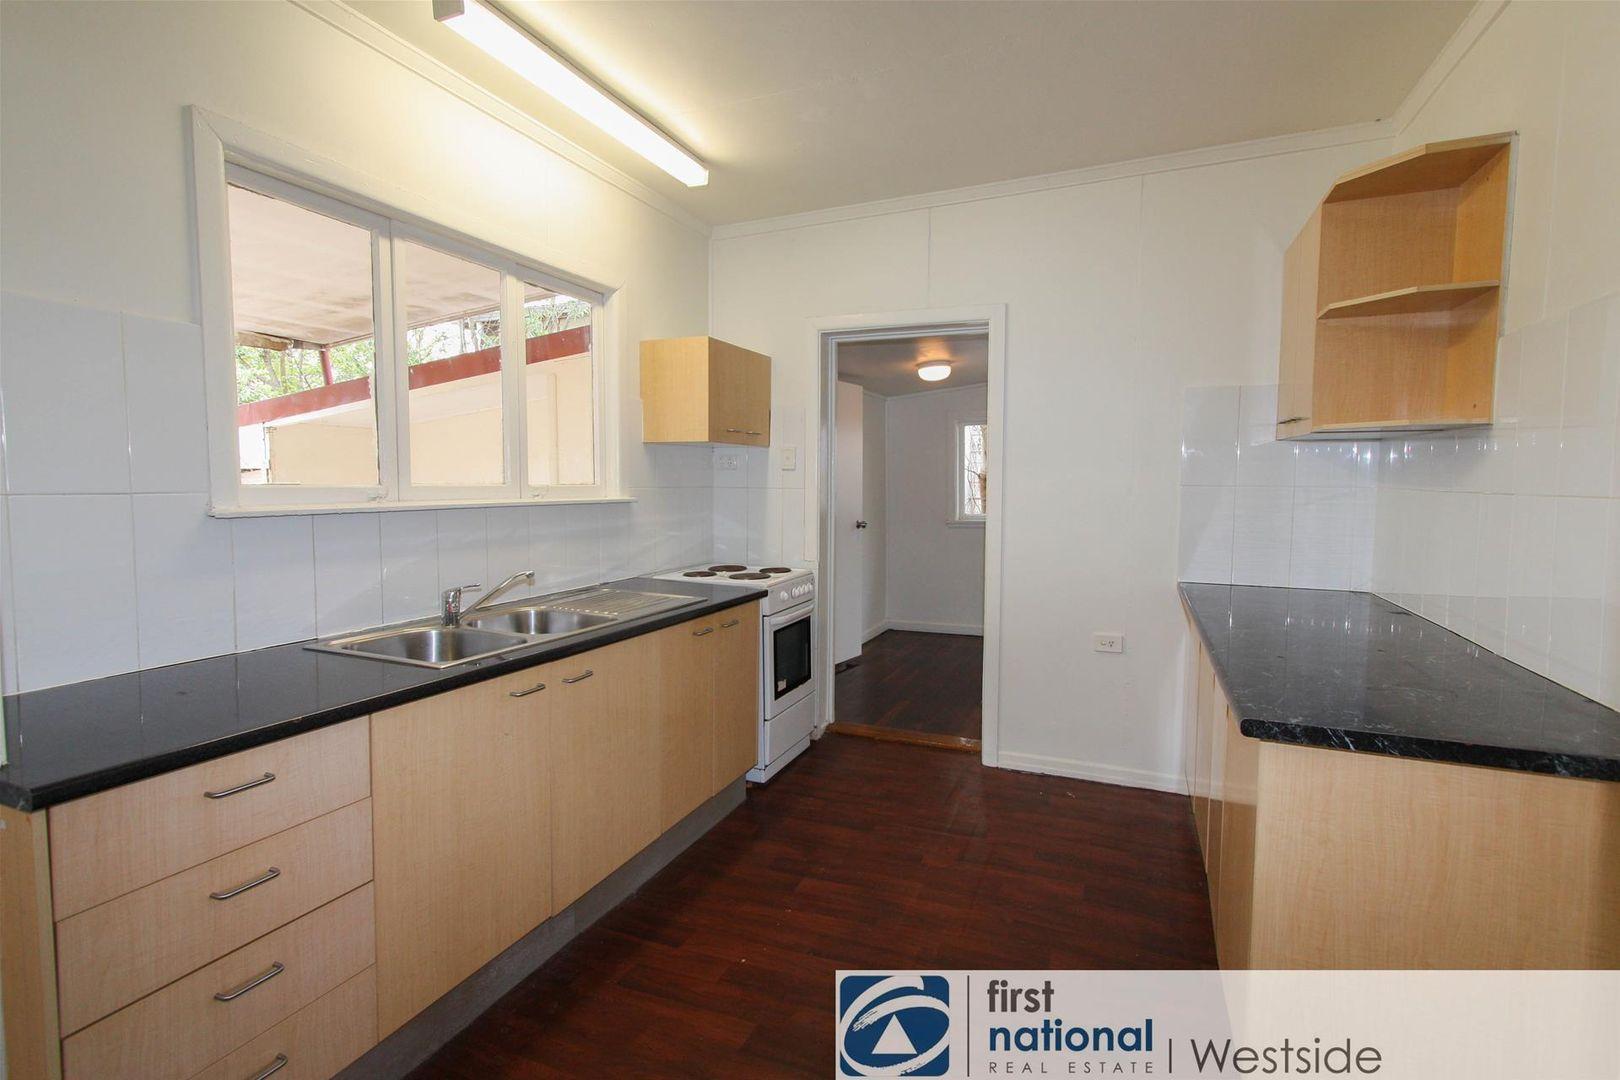 69A Woogaroo Street, Goodna QLD 4300, Image 1